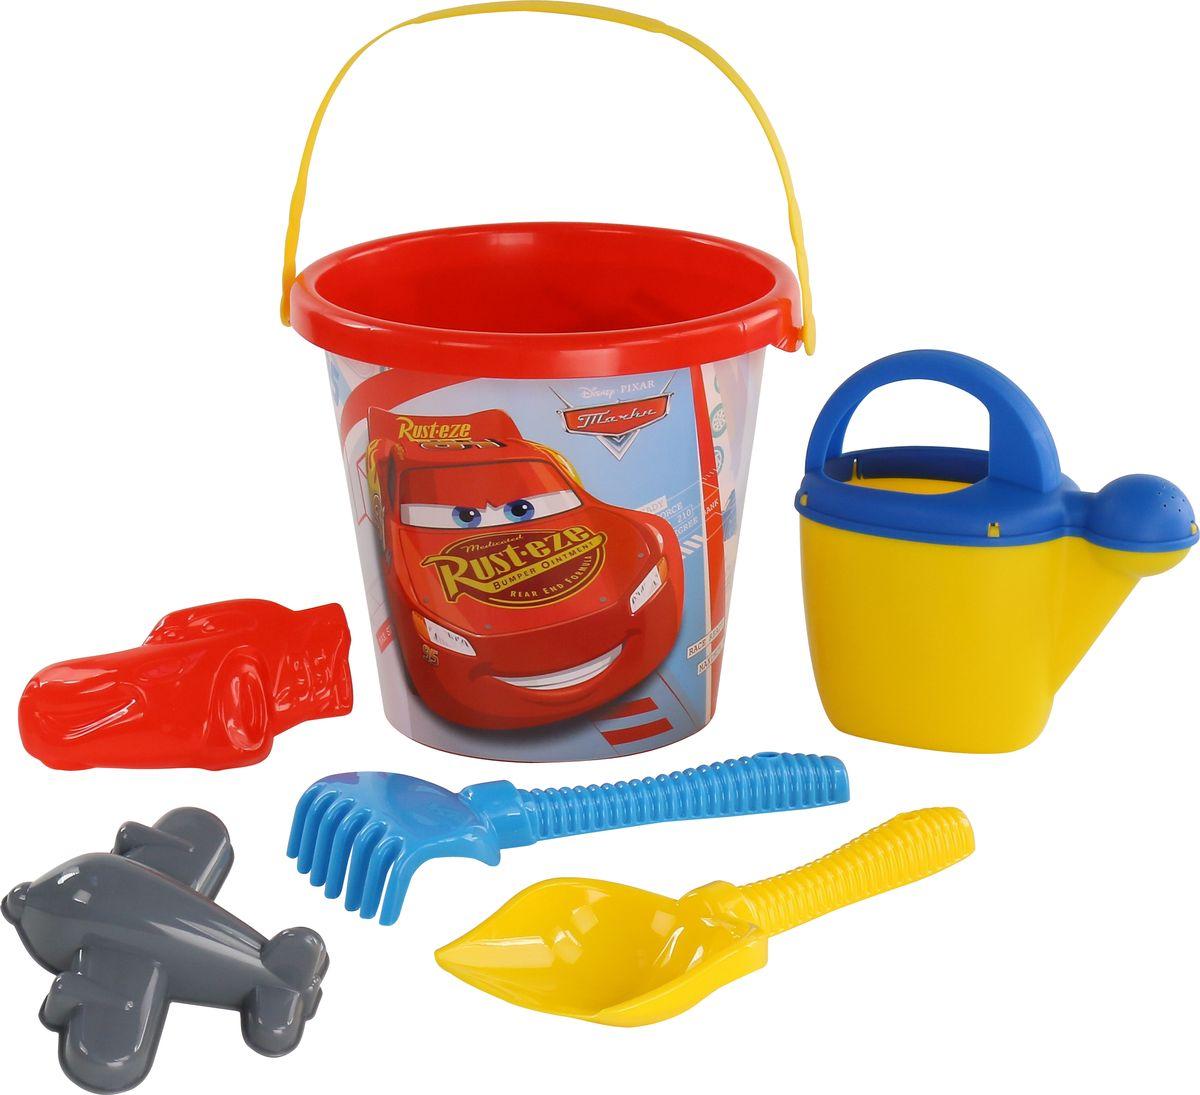 Disney / Pixar Набор игрушек для песочницы Тачки №25 disney pixar набор игрушек для песочницы тачки 18